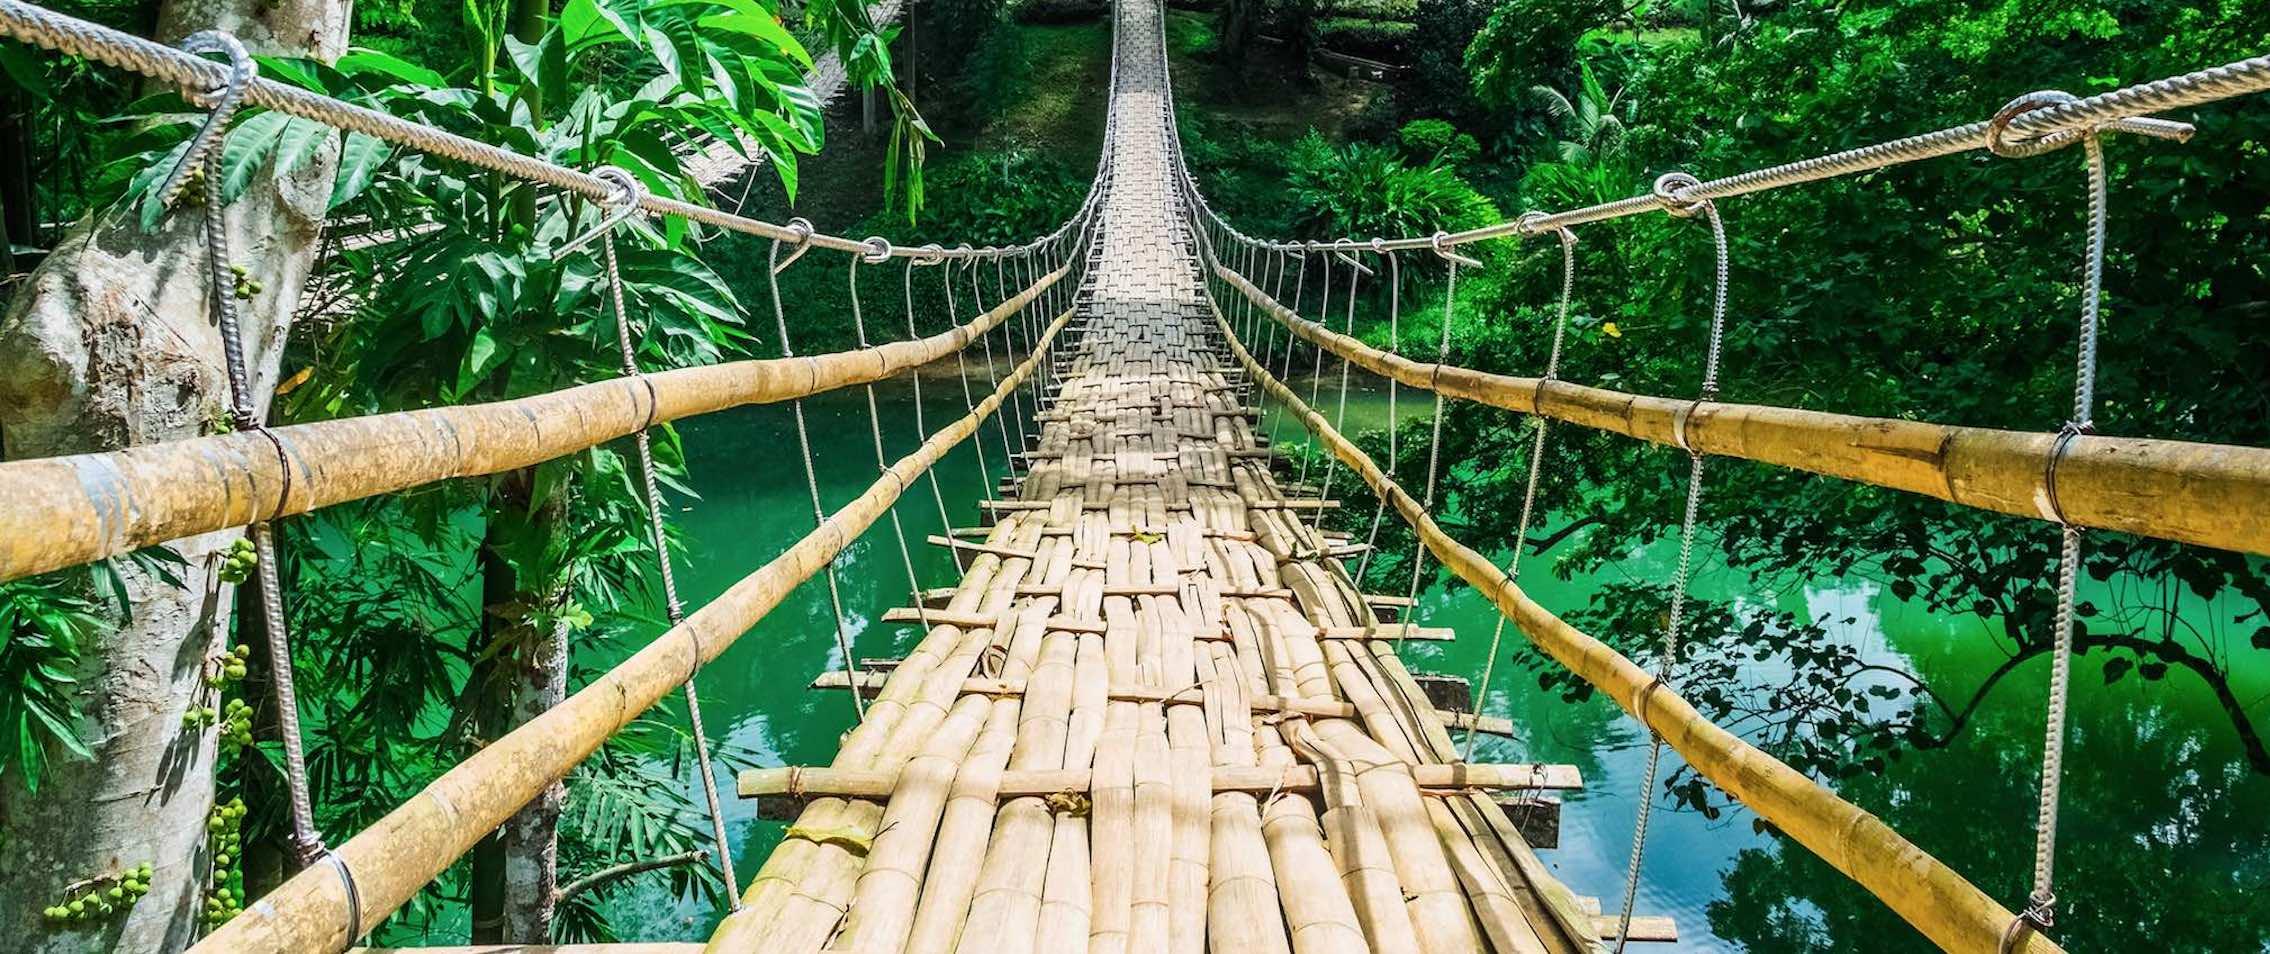 Reise in den Philippinen in Asien. Fotografie der Sipatan Twins Hängebrücke aus Bambus in der Nähe von Bohol.